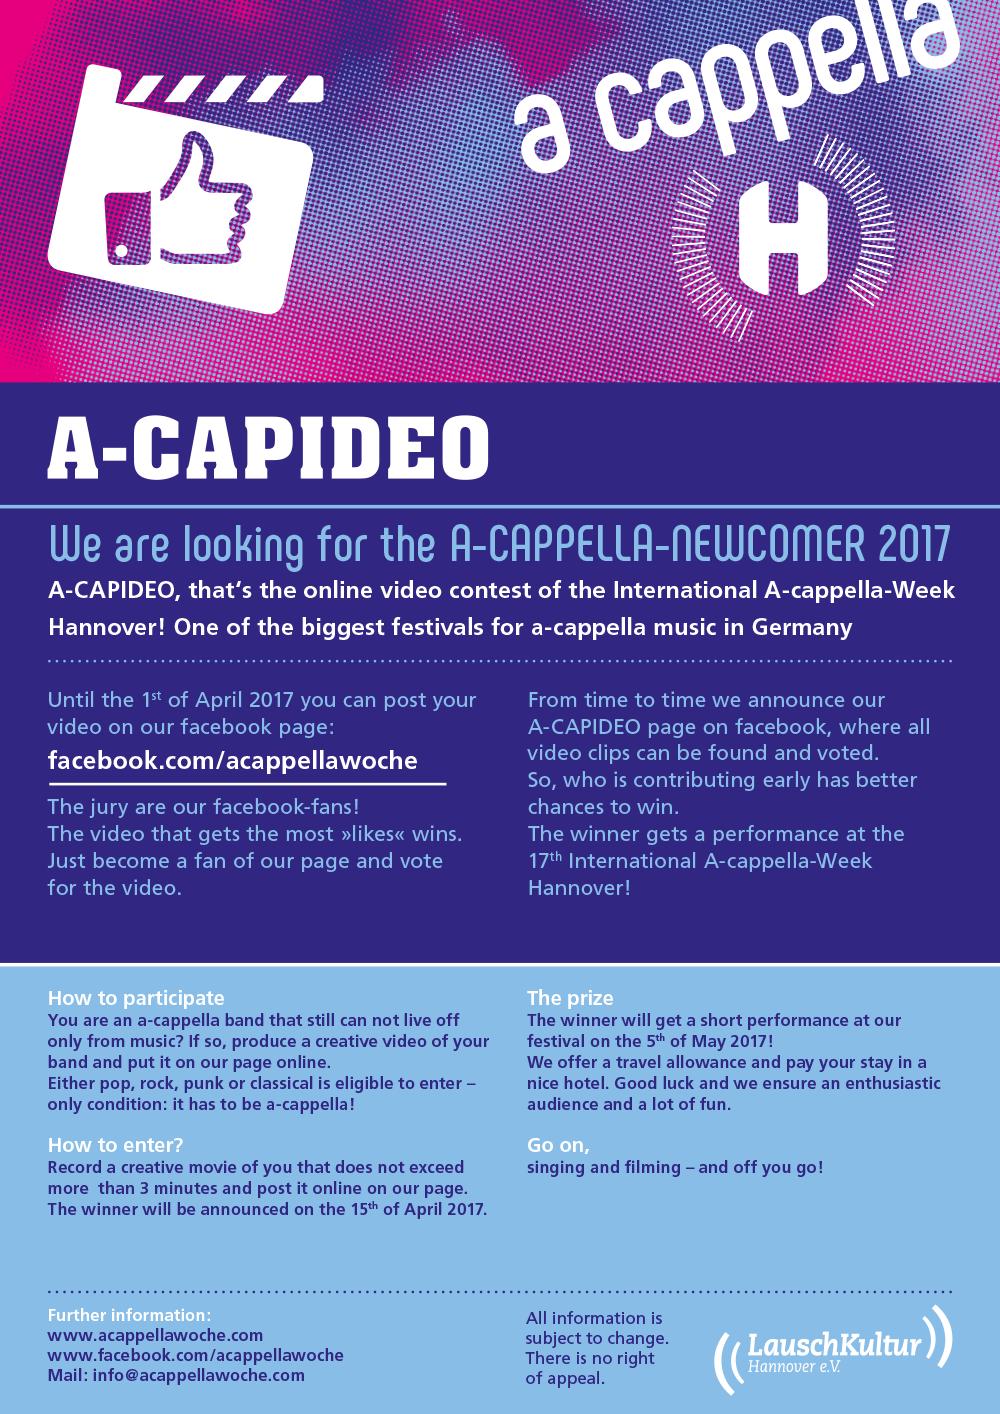 ACAPIDEO_2017_EN